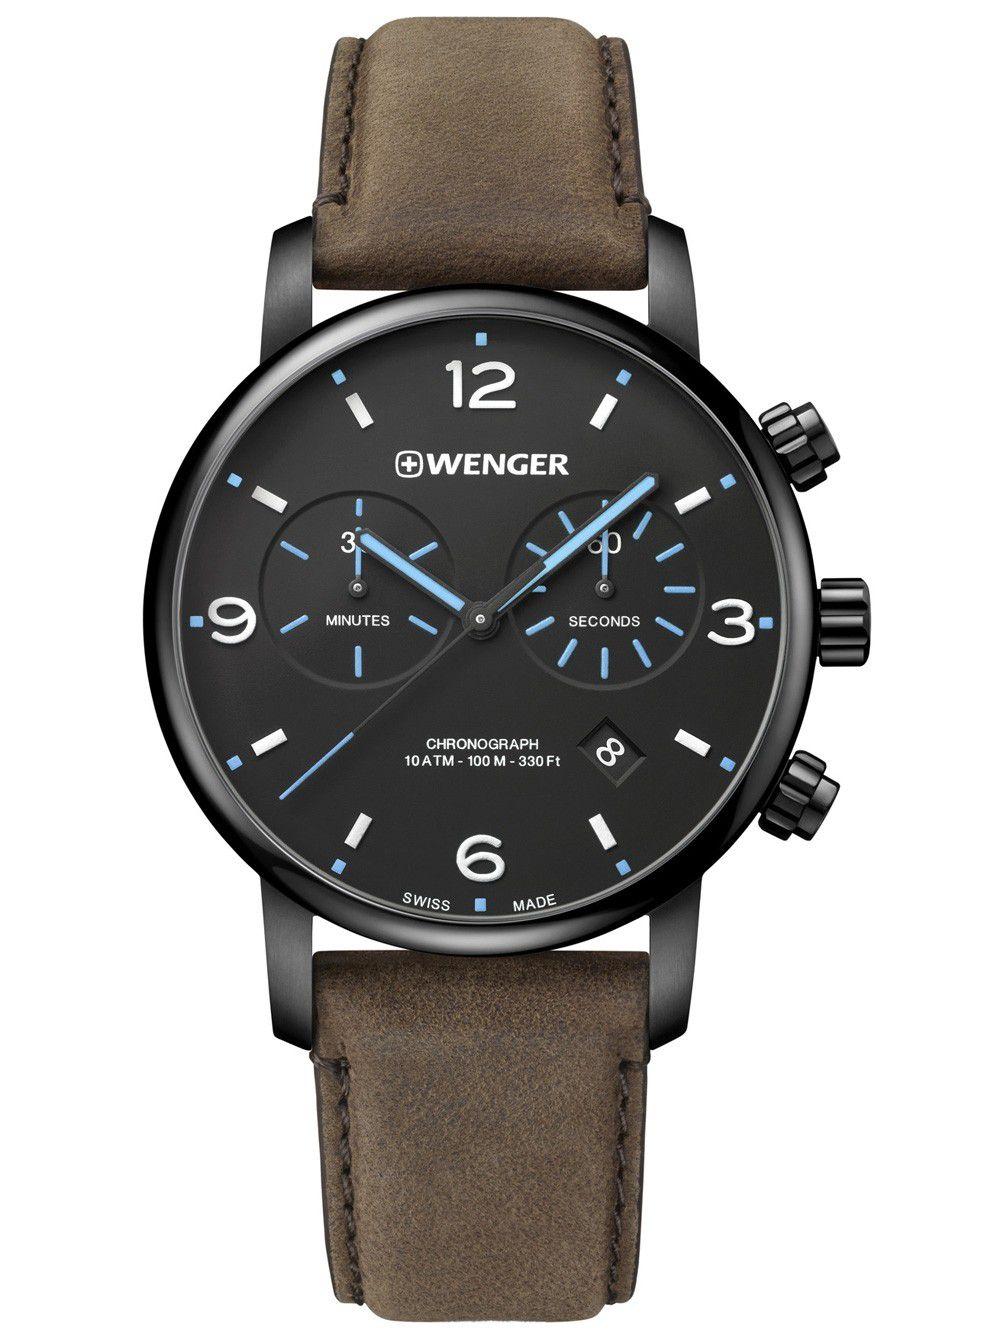 Relógio de Pulso social suíço Wenger Urban Metropolitan Chrono 44mm 01.1743.112  - Mix Eletro